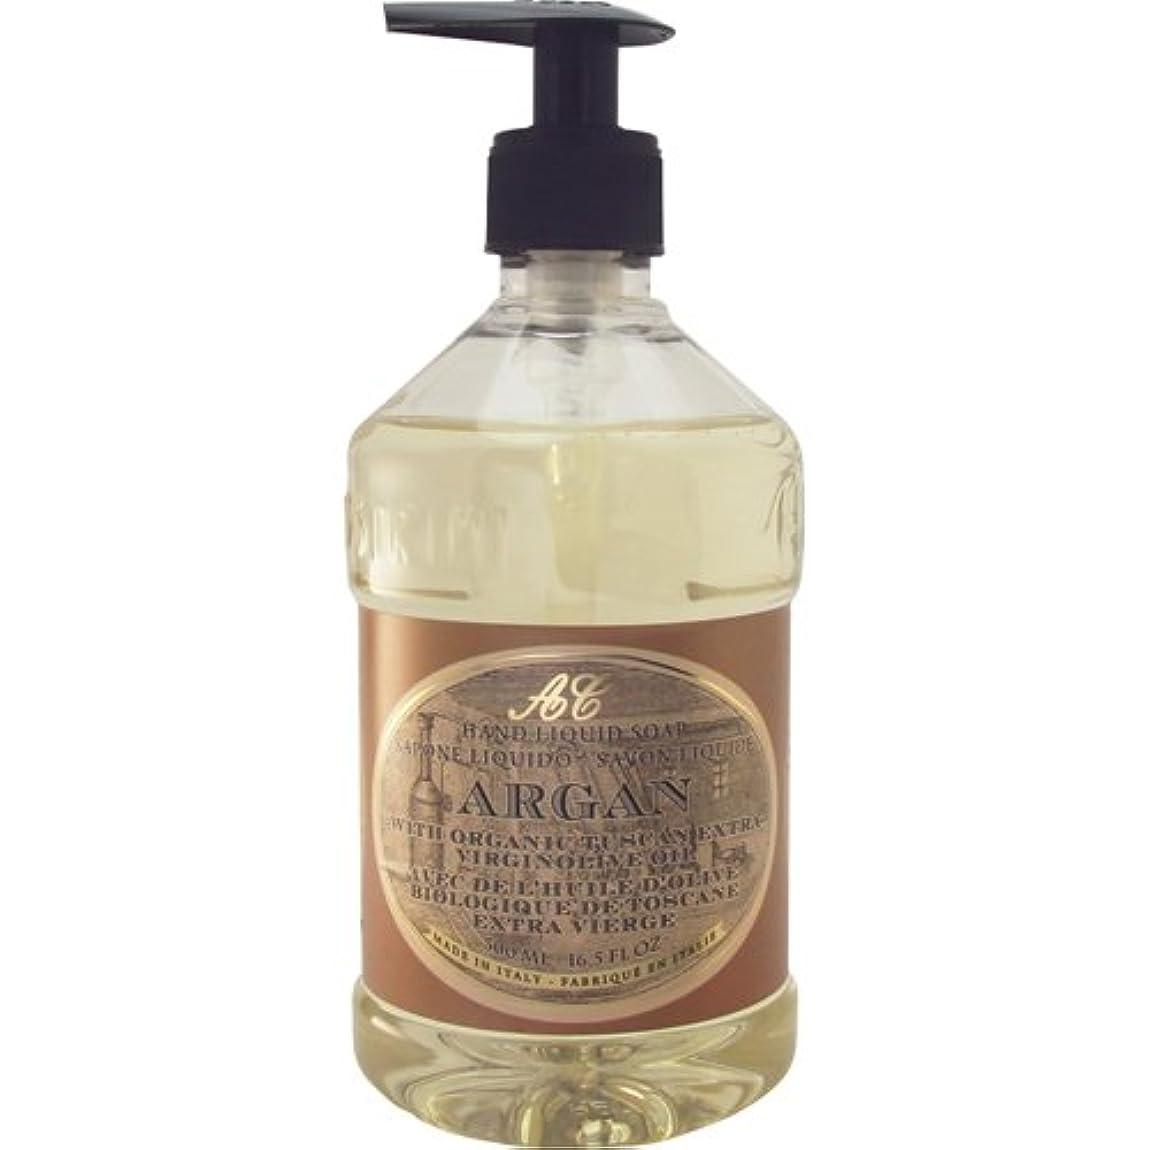 熟読する明快ビヨンSaponerire Fissi レトロシリーズ Liquid Soap リキッドソープ 500ml Argan アルガンオイル